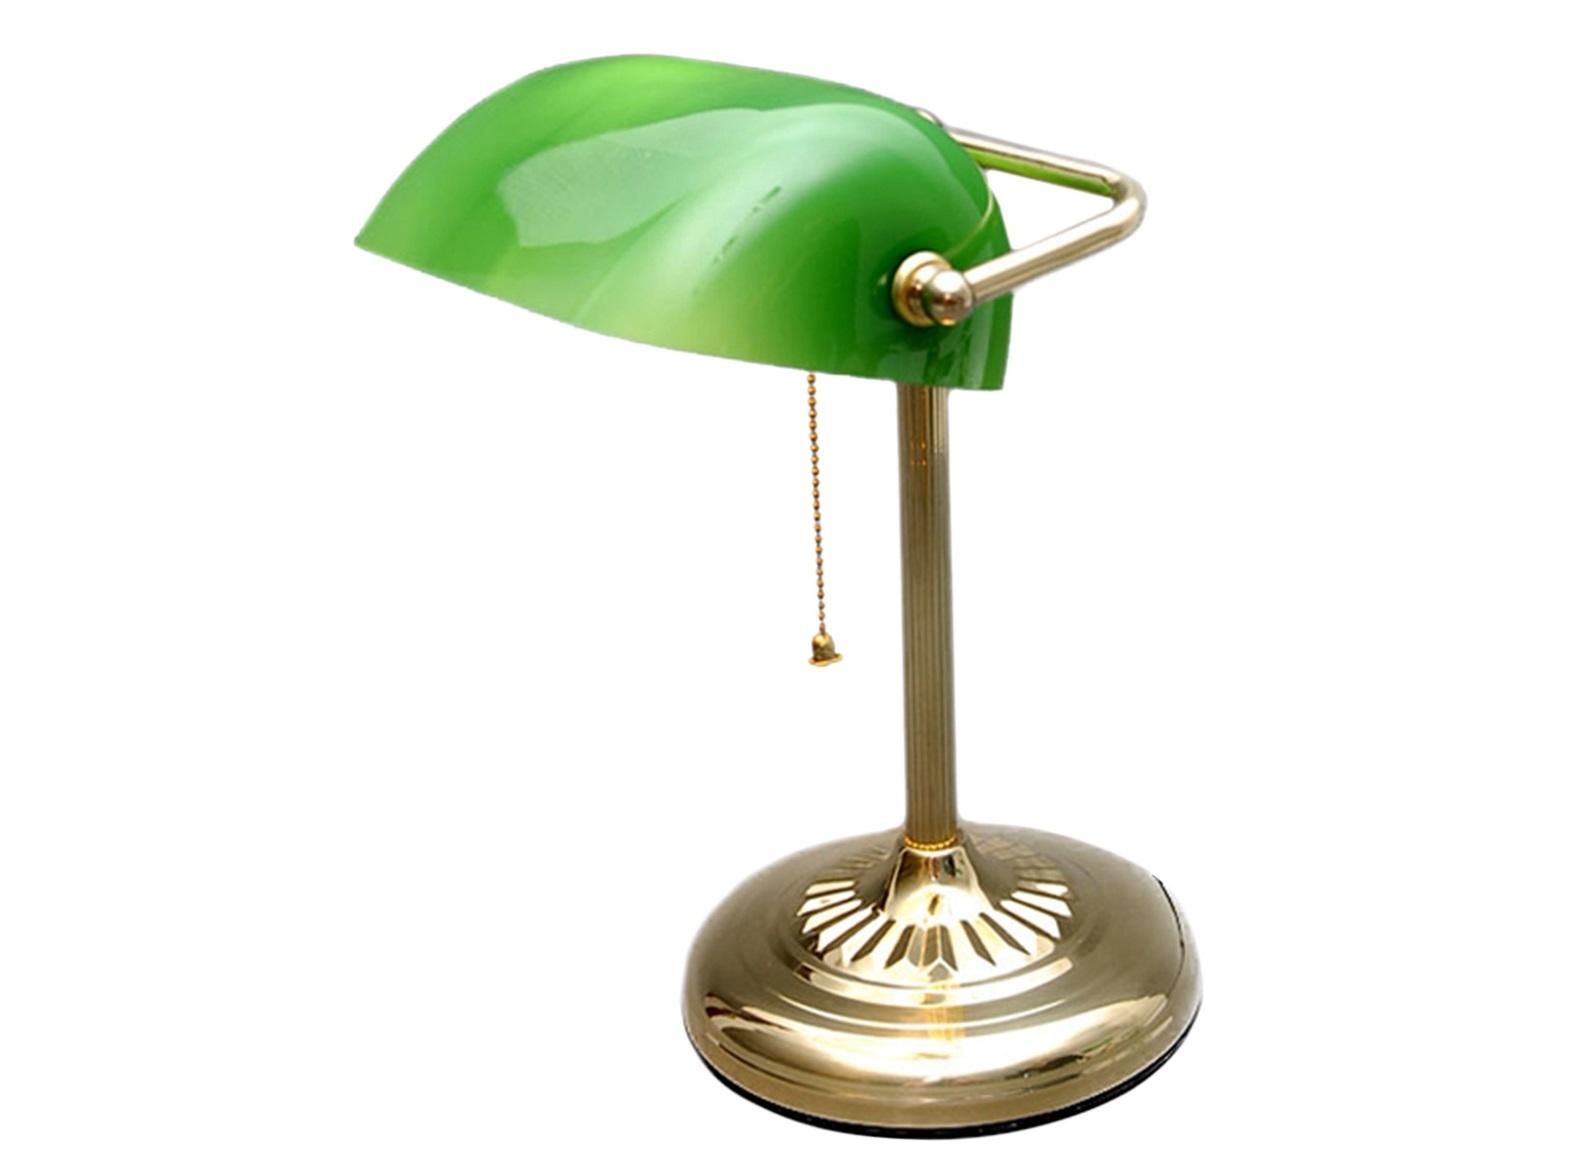 СветильникДекоративные лампы<br><br><br>Material: Металл<br>Ширина см: 20<br>Высота см: 37<br>Глубина см: 10